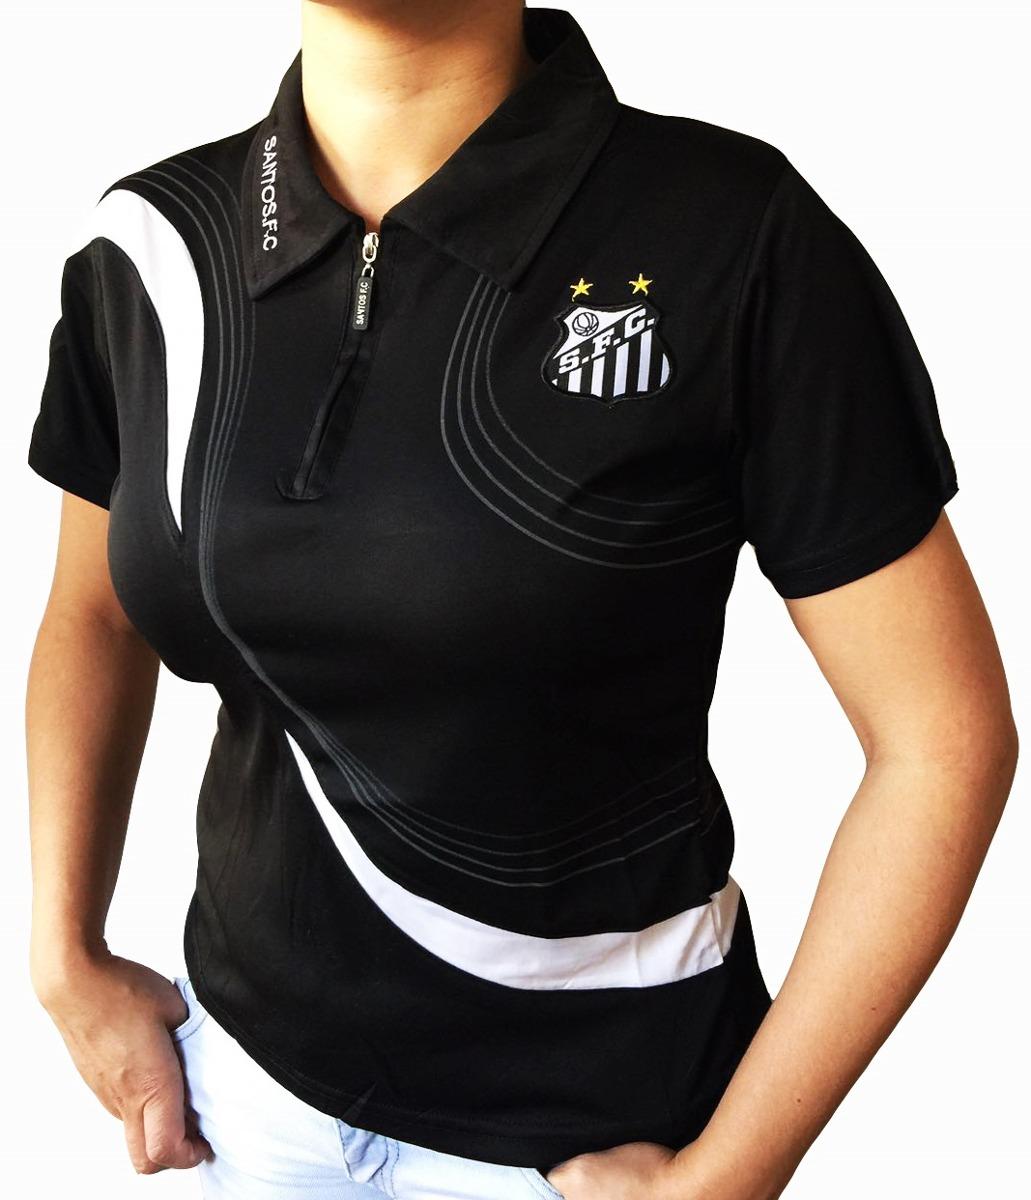 02a9e78489f65 camisa polo do santos feminina baby look oficial. Carregando zoom.